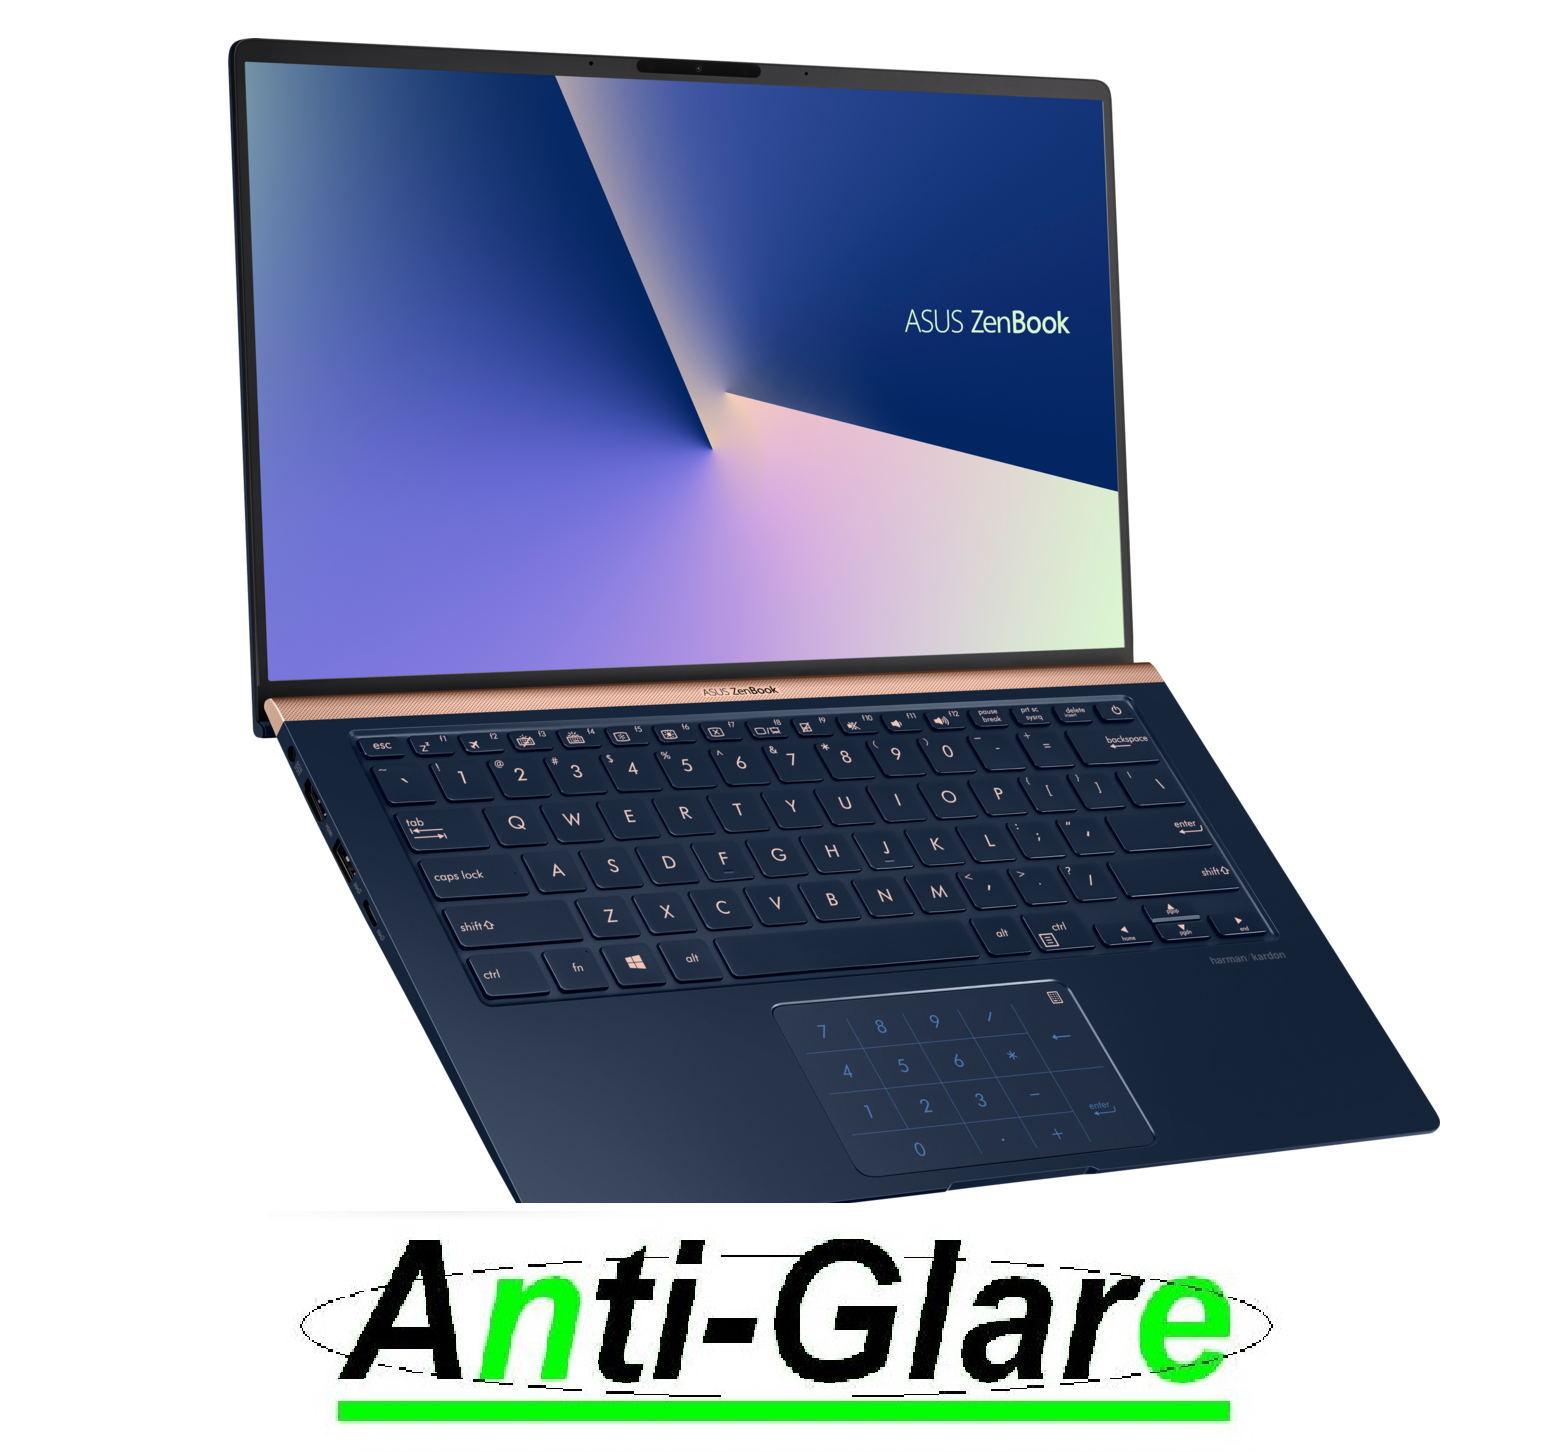 """2 шт. антибликовое защитное покрытие для экрана для 13,3 """"ASUS ZenBook 13 UX333 UX333FA UX333FN UX333F NanoEdge ноутбука"""